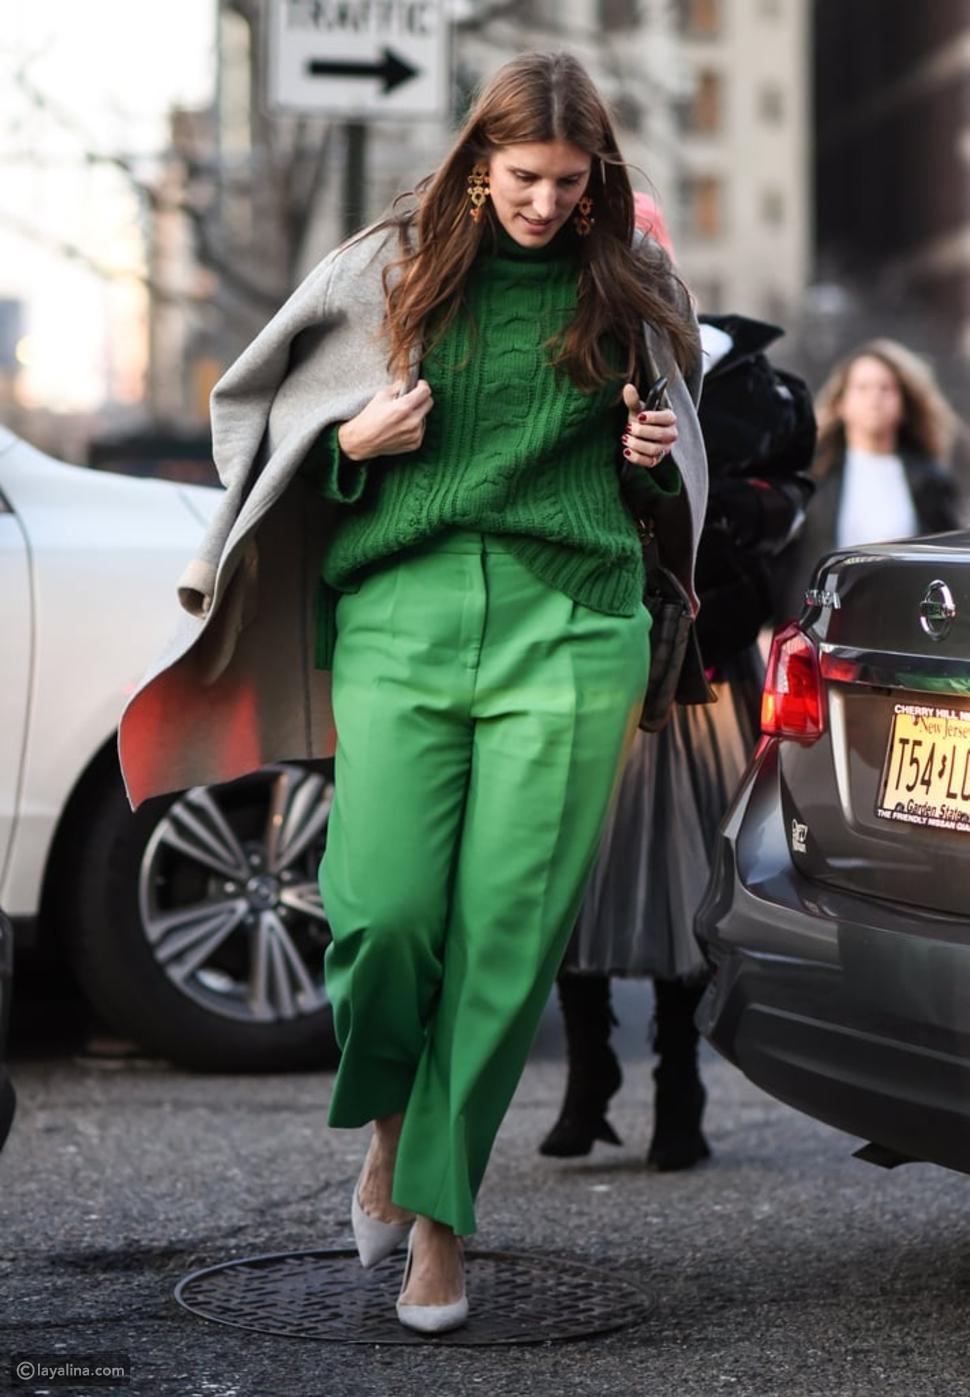 تنسيق إطلالة كاملة باللون الأخضر